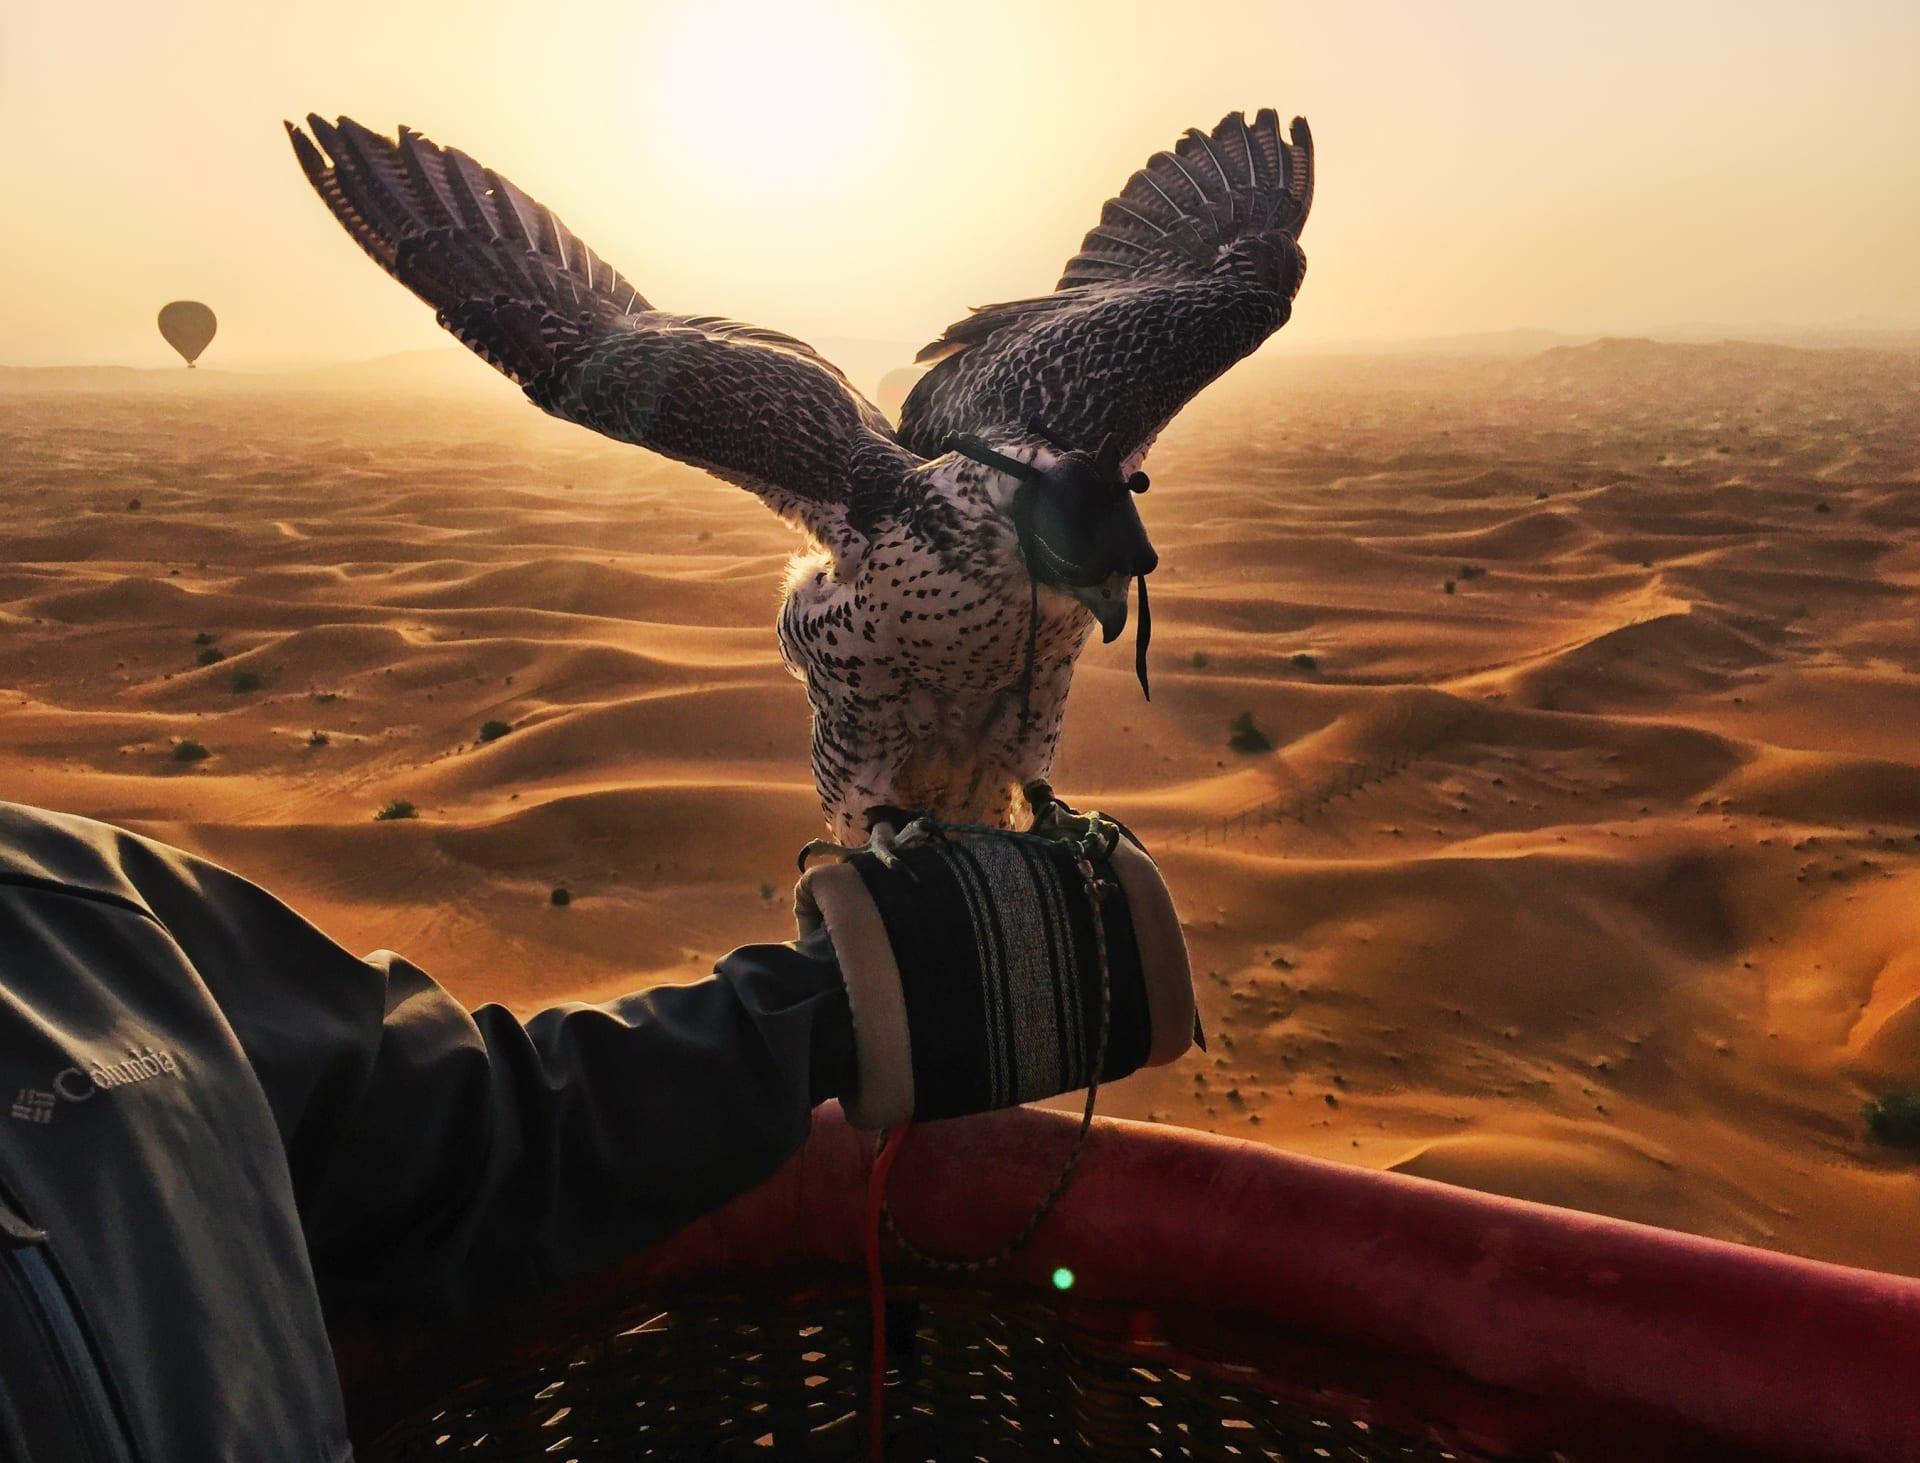 تجربة تخطف الأنفاس..حلّق عالياً مع الصقور على متن هذا المنطاد فوق صحراء دبي